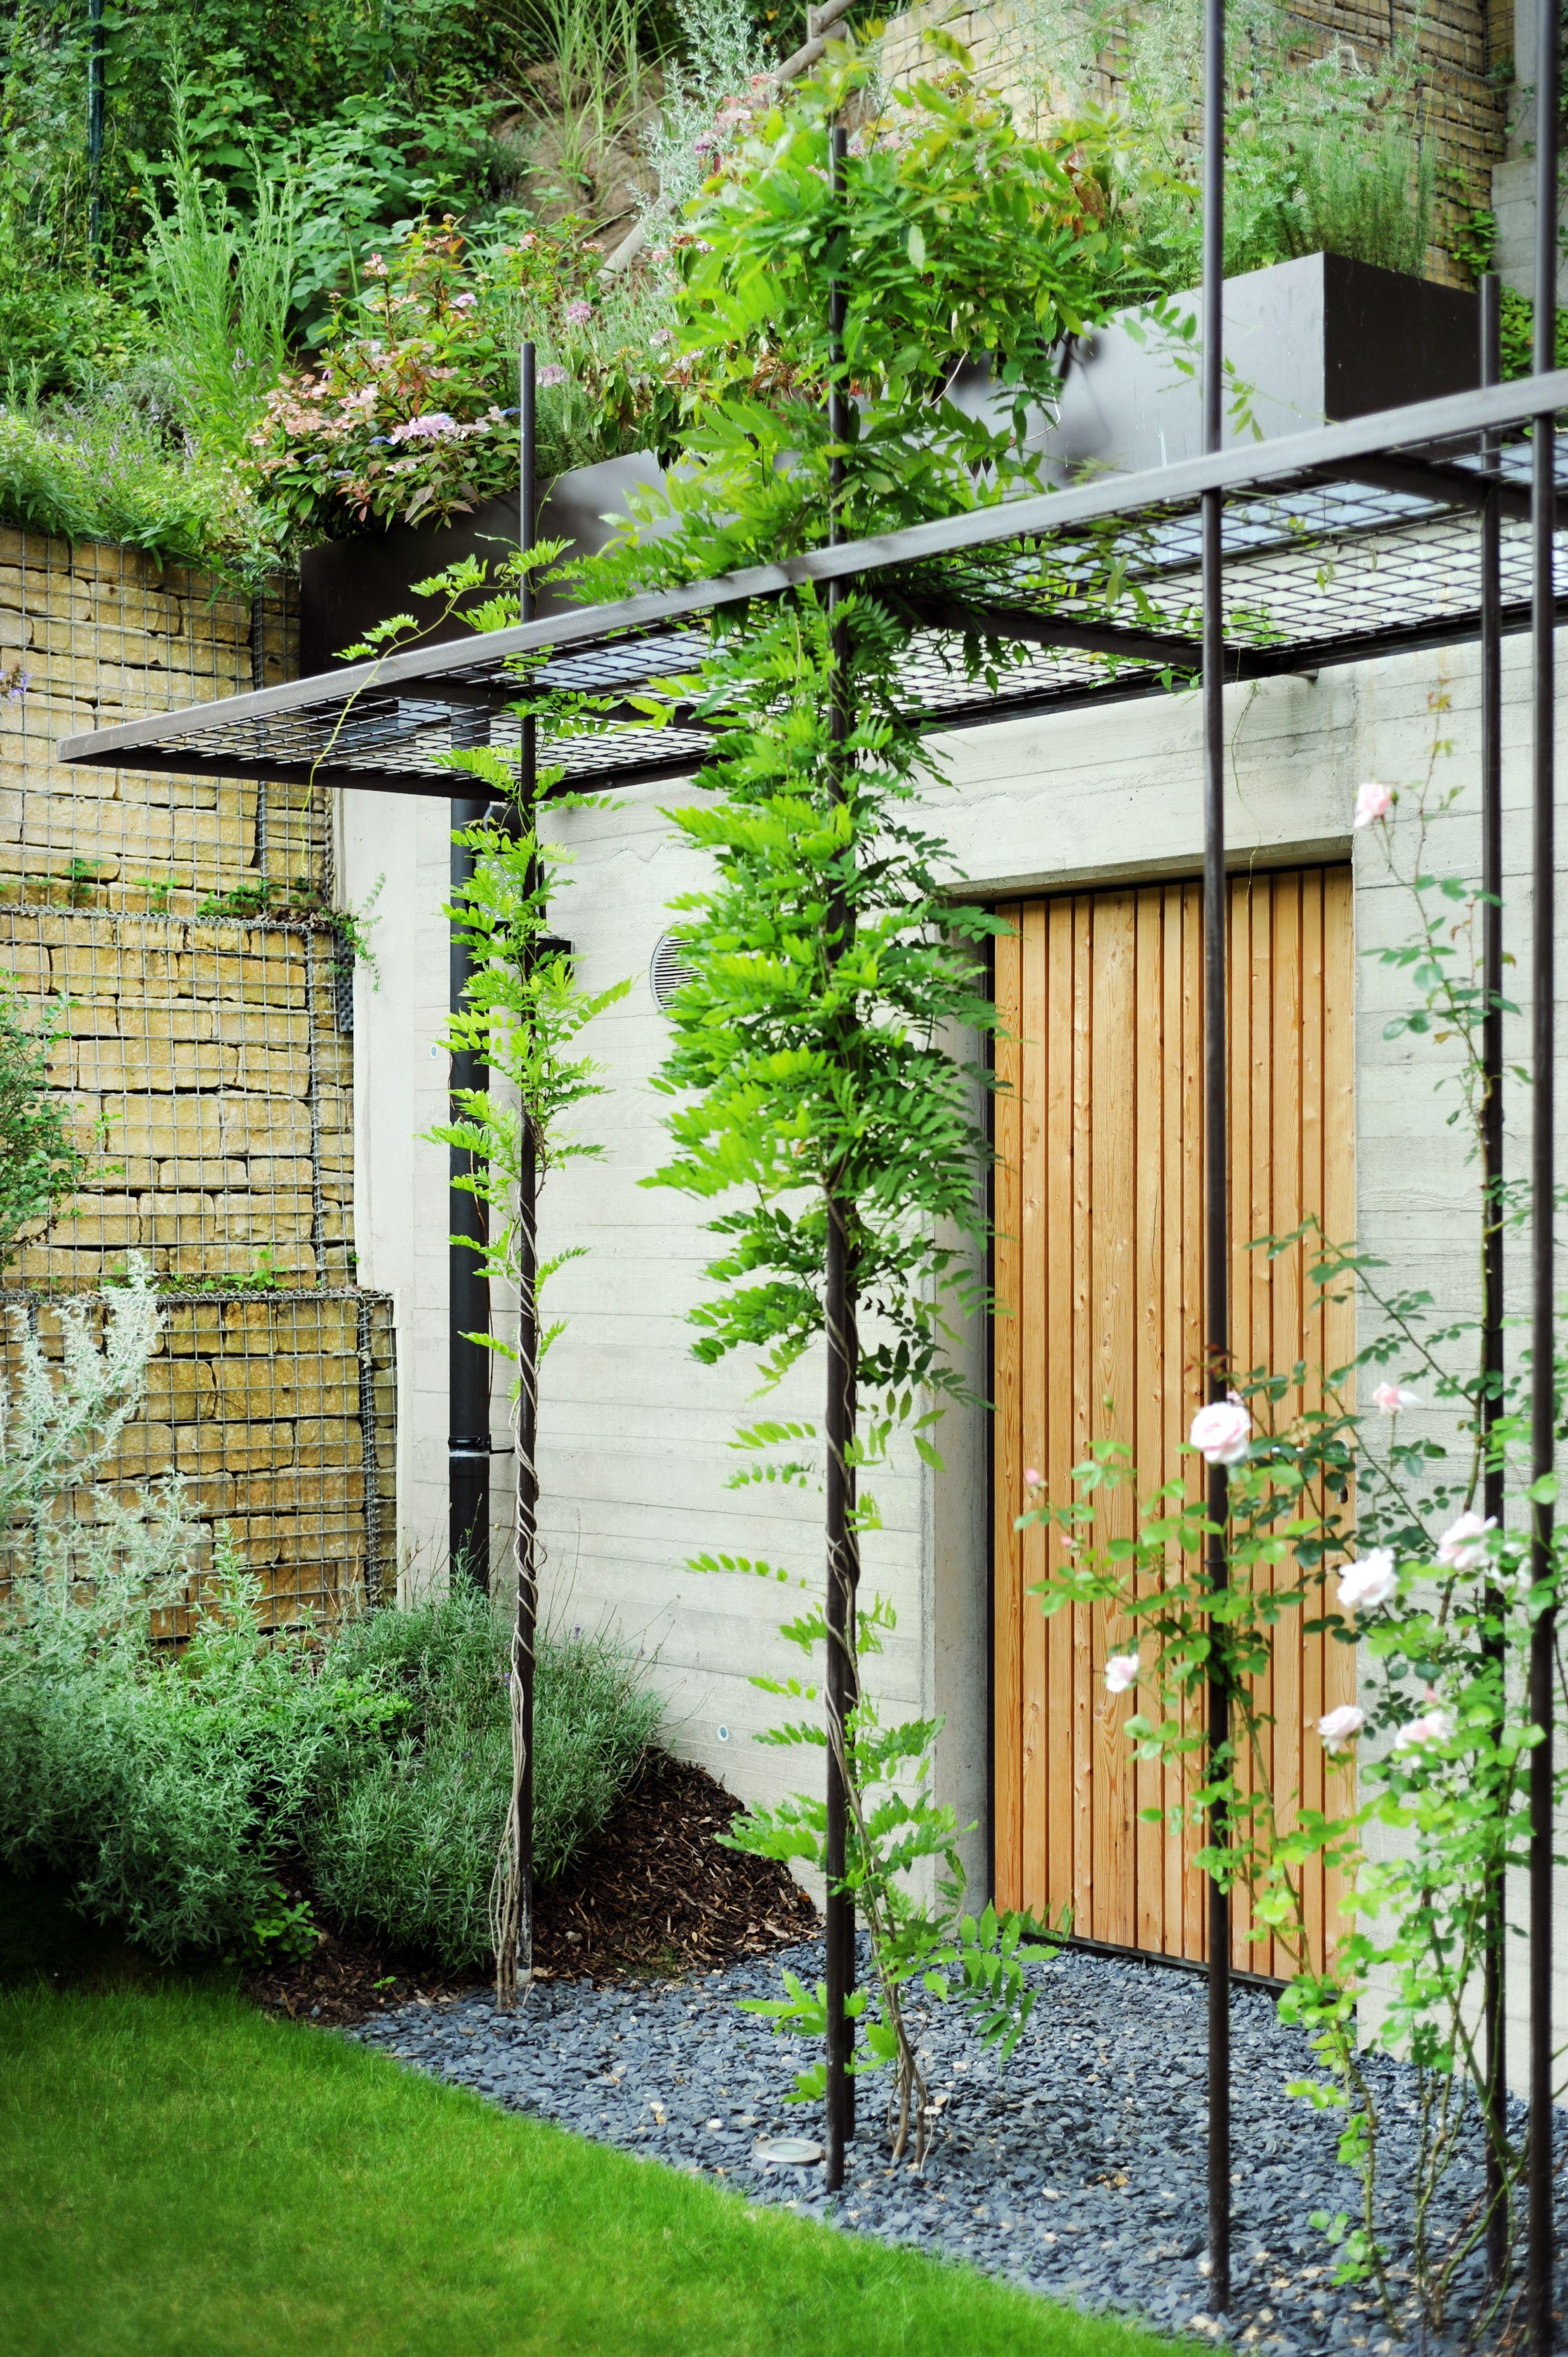 jardin privé - conception : pergola acier et plantation VEREAL ...